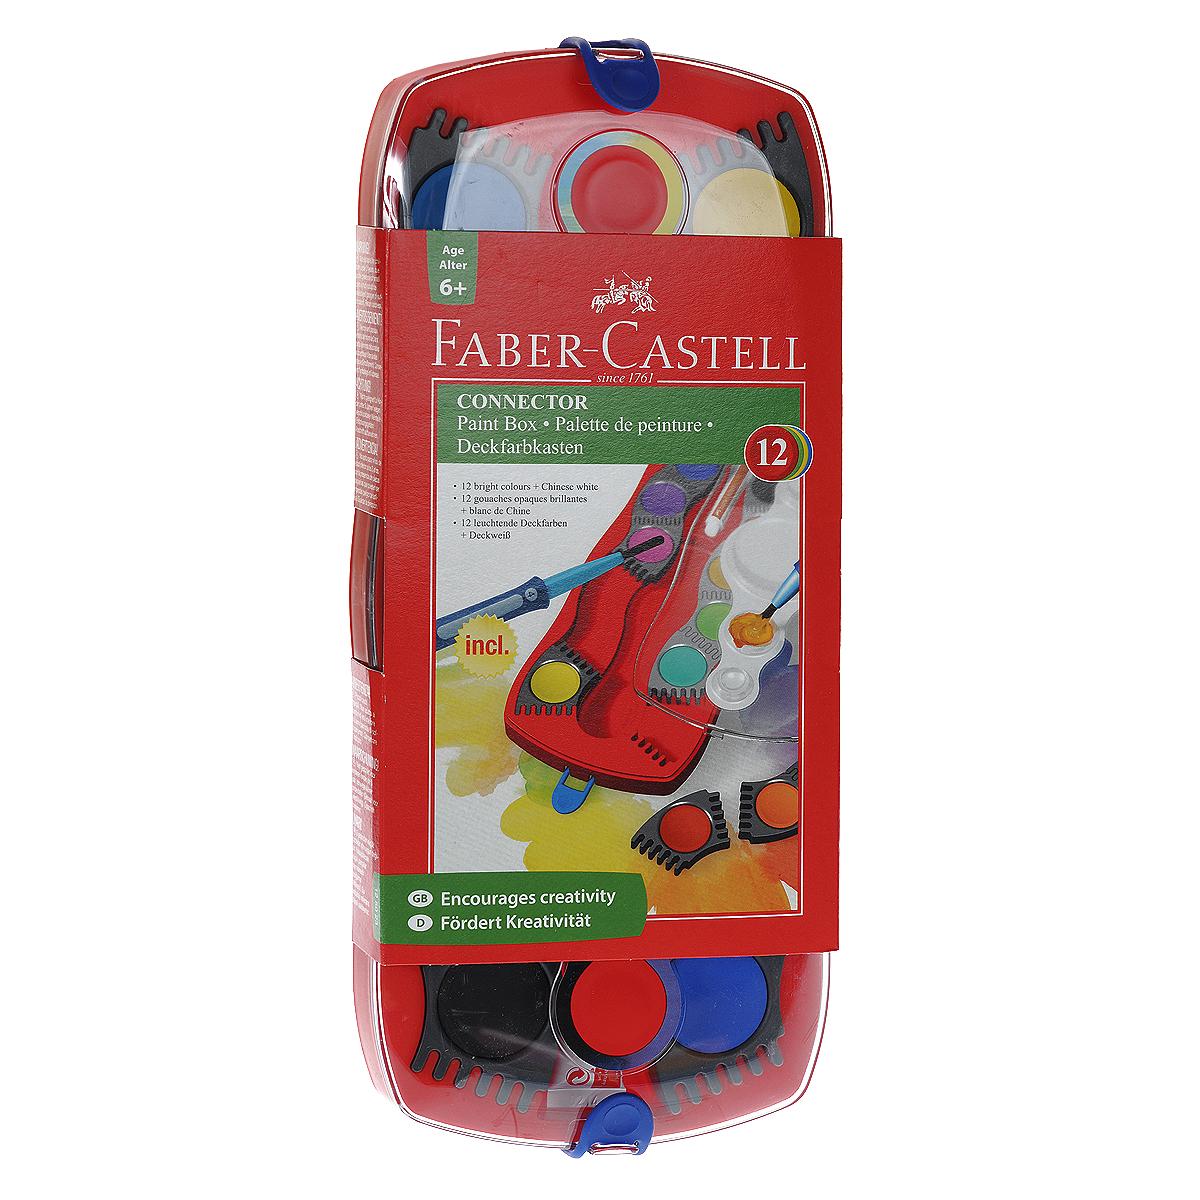 Акварельные краски Faber-Castell Connector, 12 штFS-00103Акварельные краски Faber-Castell Connector идеально подойдут как для детского художественного творчества, так и для изобразительных и оформительских работ. Краски легко размываются, создавая прозрачный цветной слой, отлично смешиваются между собой, не крошатся и не смазываются, быстро сохнут. В наборе 12 красок ярких, насыщенных цветов, а также тюбик с белой краской и кисть. Каждый цвет представлен в основе круглой формы, располагающейся в отдельной ячейке, которую можно перемещать либо комбинировать с нужными красками, что делает процесс рисования легким и удобным. Коробка представляет собой поддон для ячеек с красками с отсеком для кисти и белой краски, а крышка - палитру. Отличный подарок для любителя рисовать акварелью! Рекомендуемый возраст: от 6 лет.